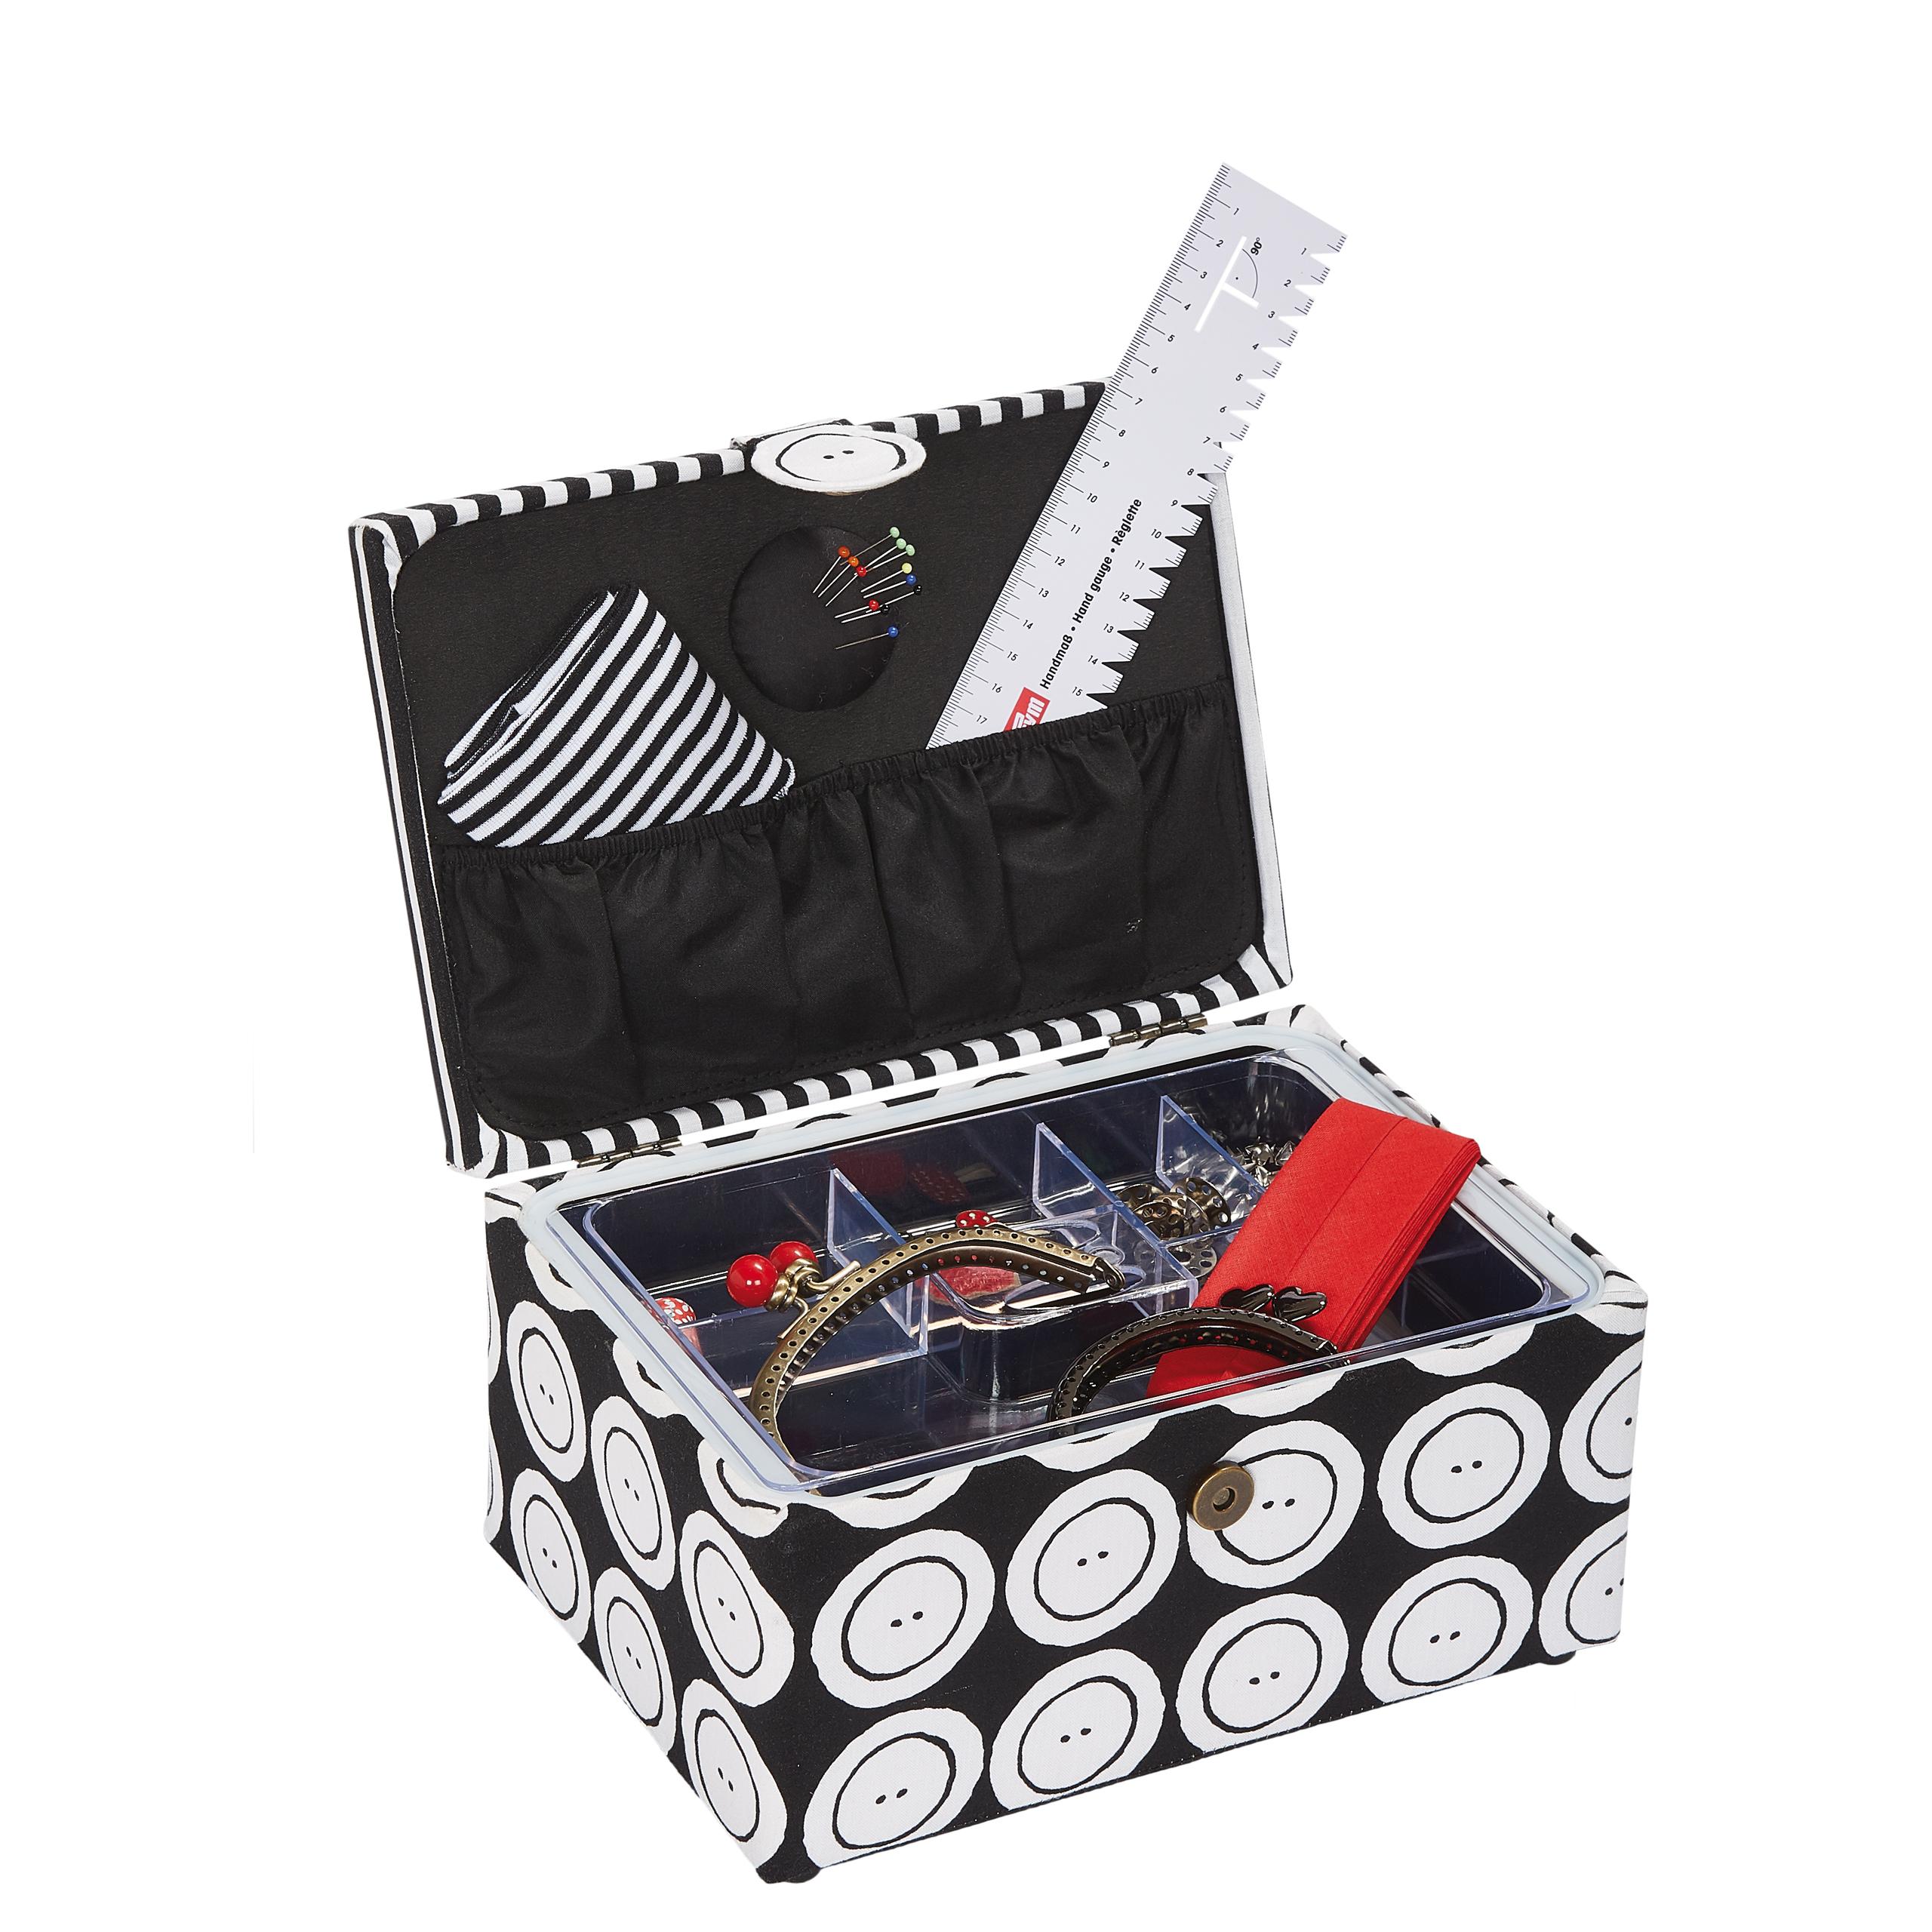 kazeta - košík na šicí potřeby M buttons stripes-2